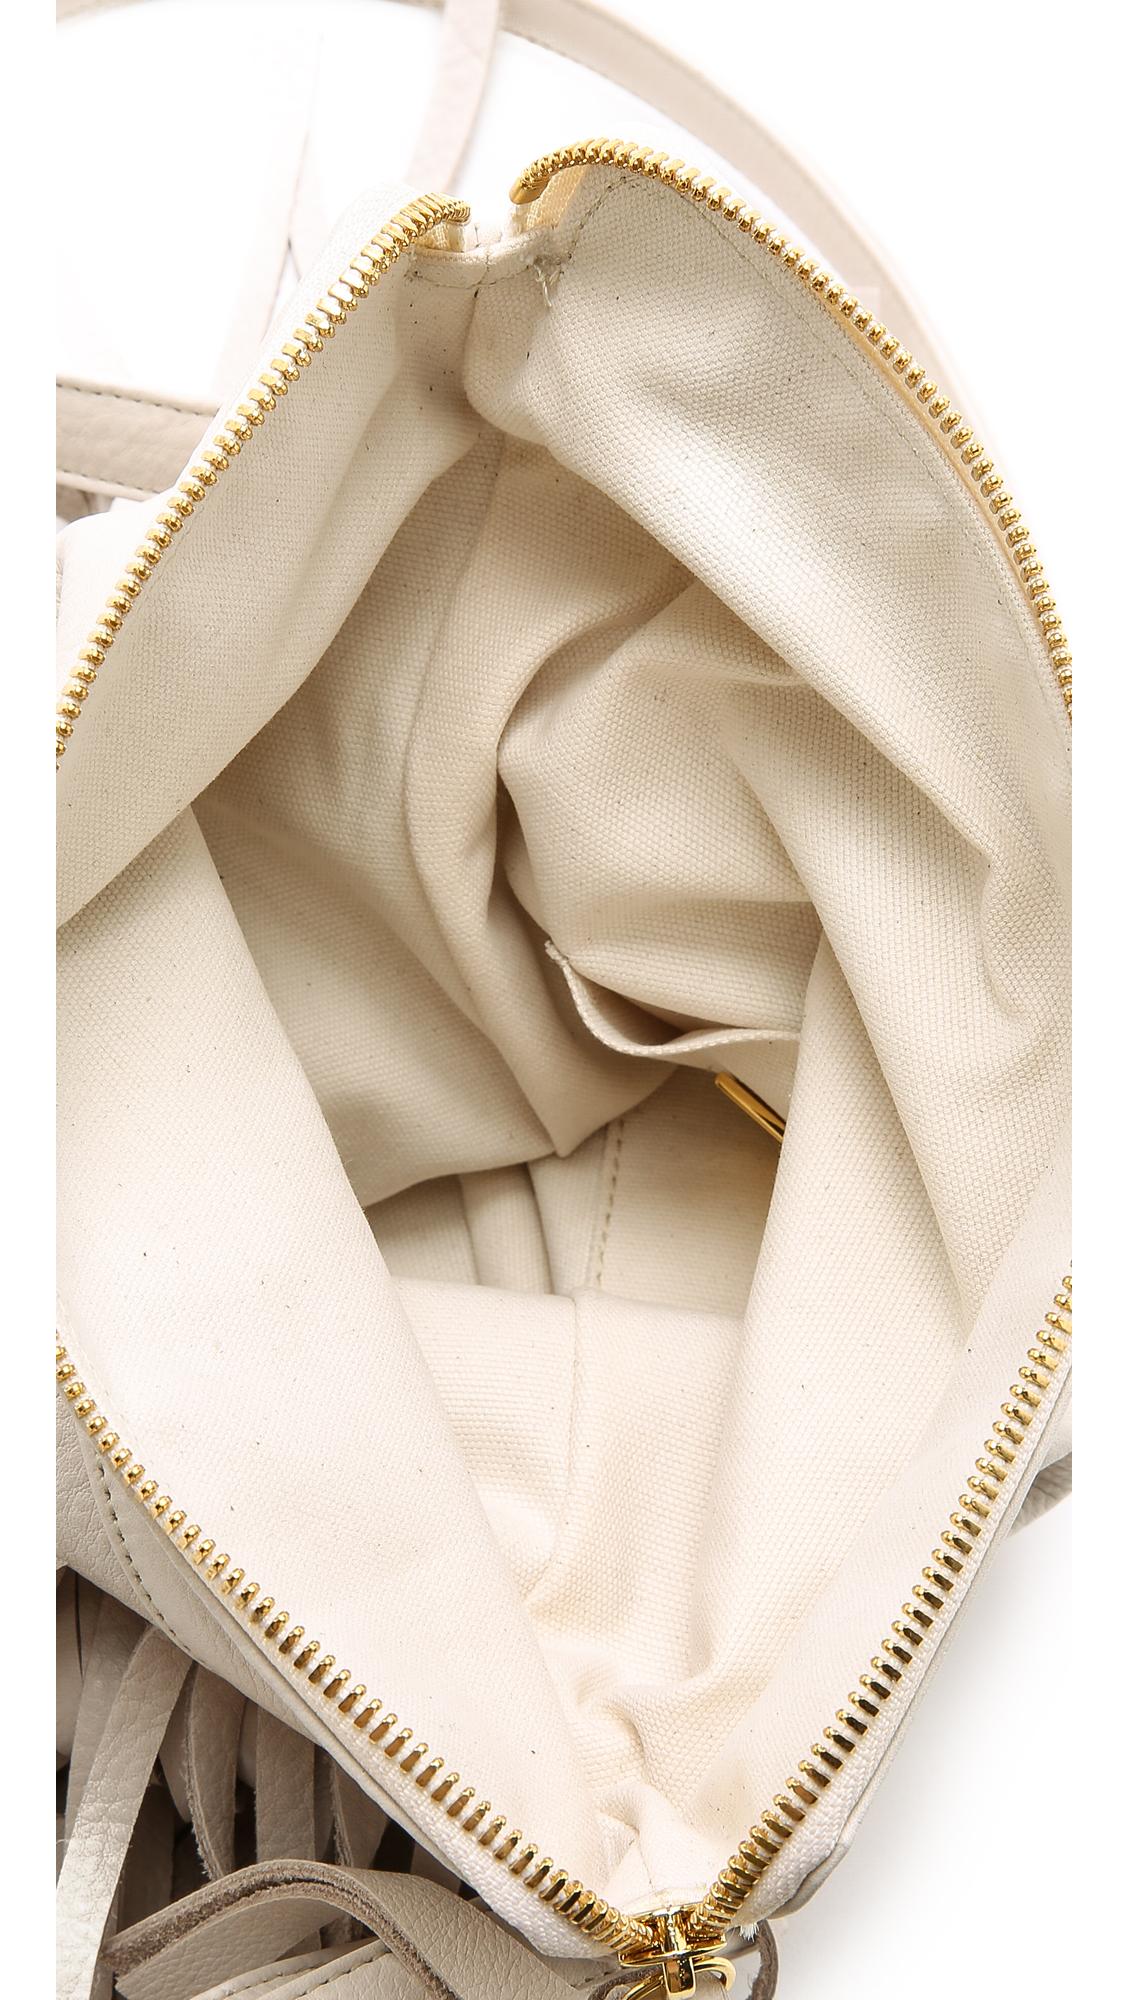 B-Low The Belt Leather Kenzy Cross Body Bag in Bone (White)